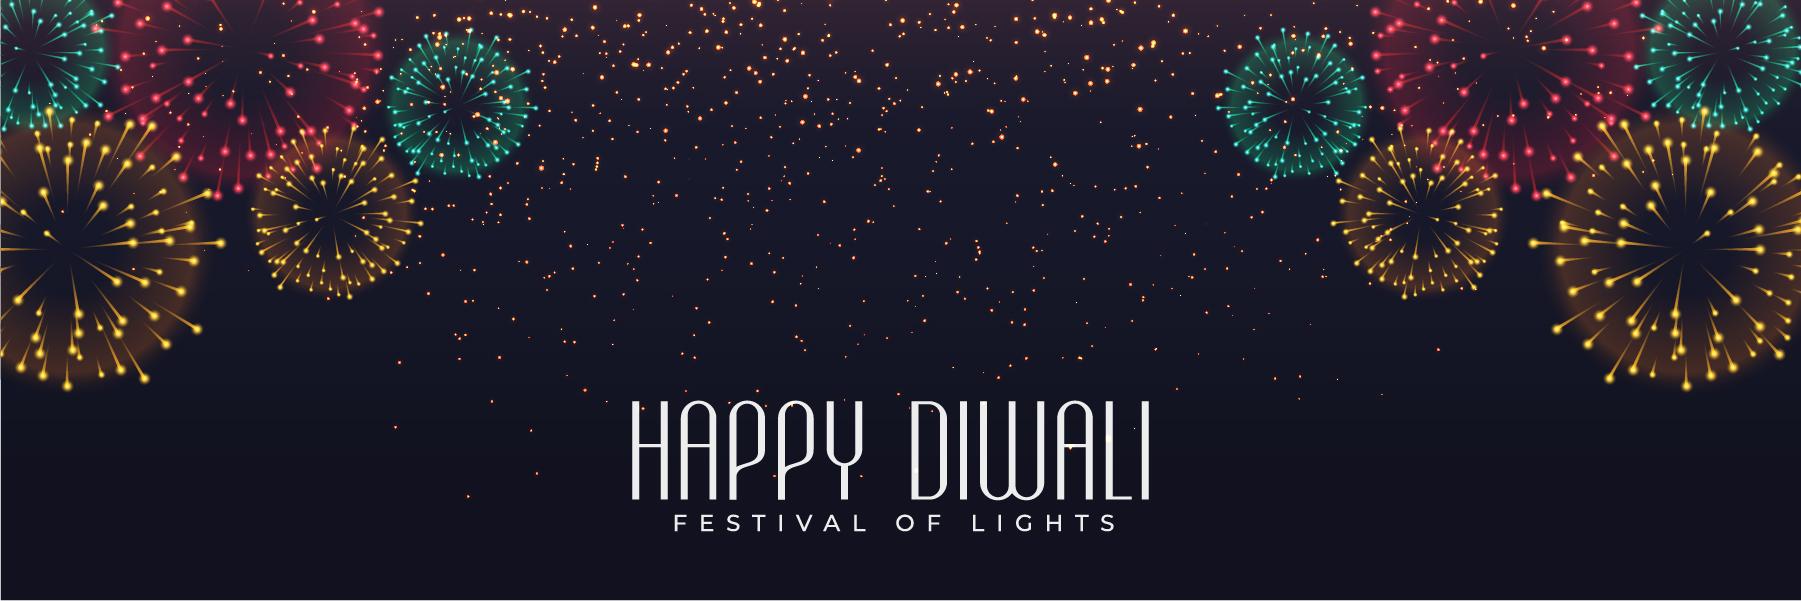 Diwali_image